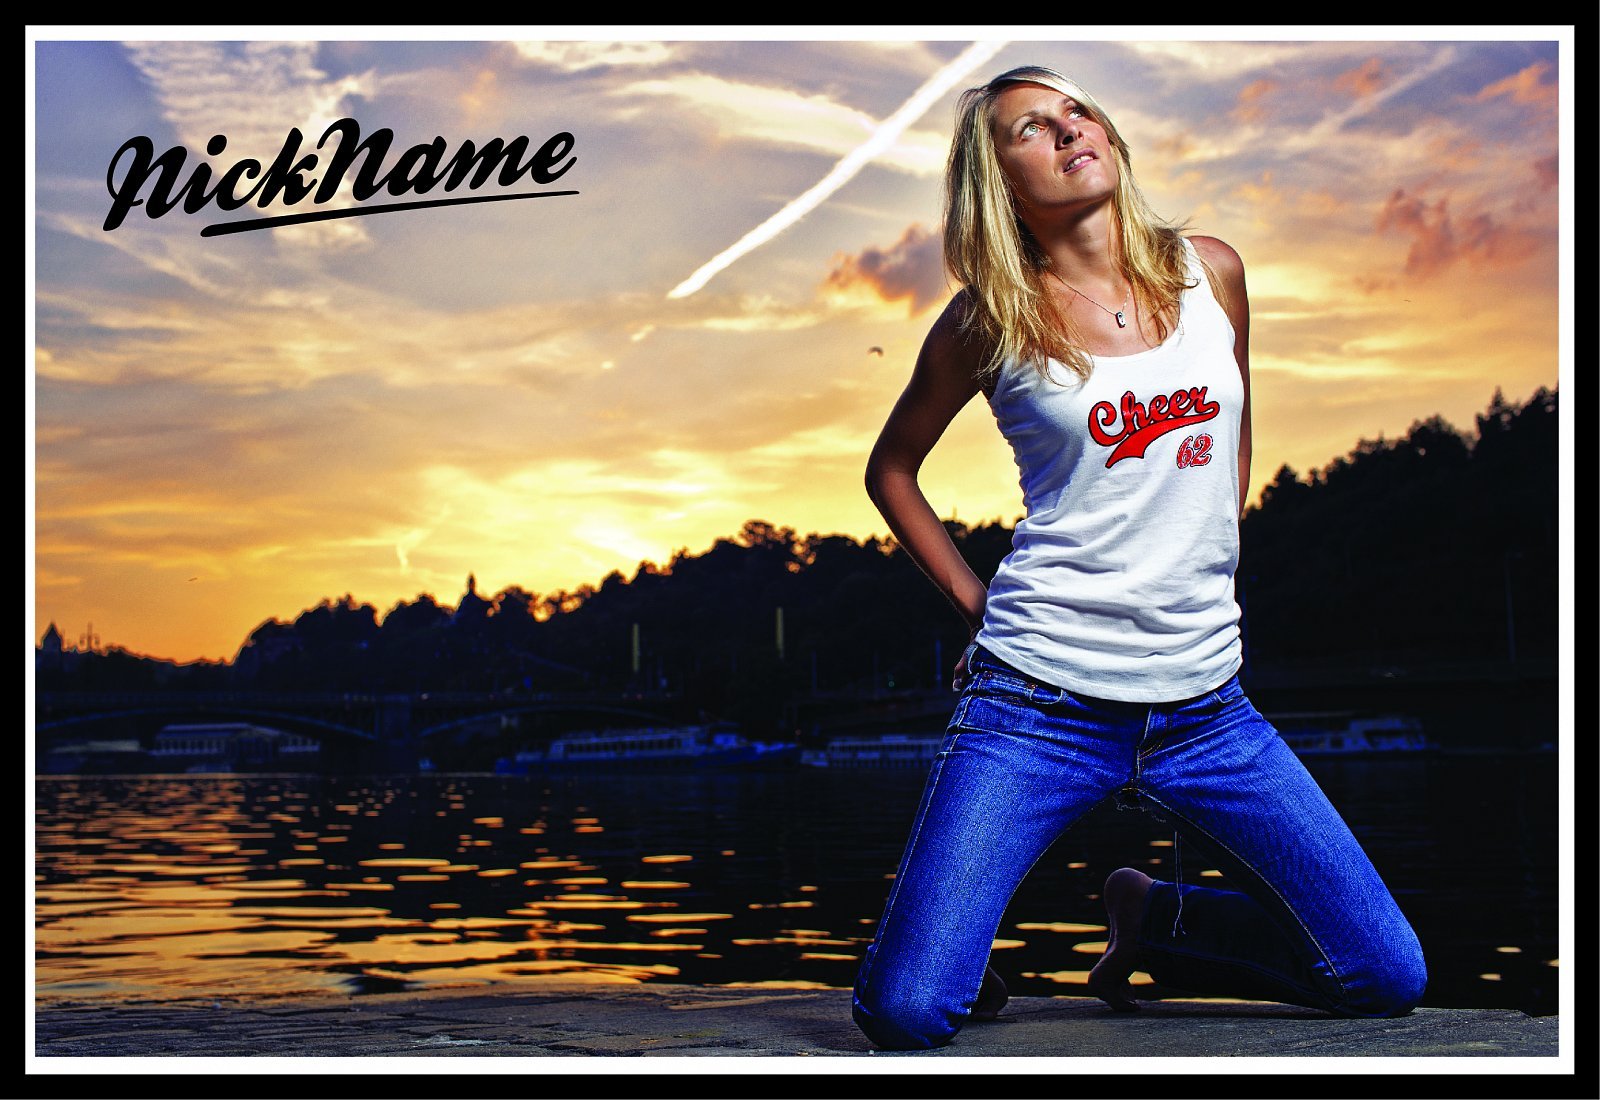 Originální trička, která se prodávají přes Facebook. Mrkněte